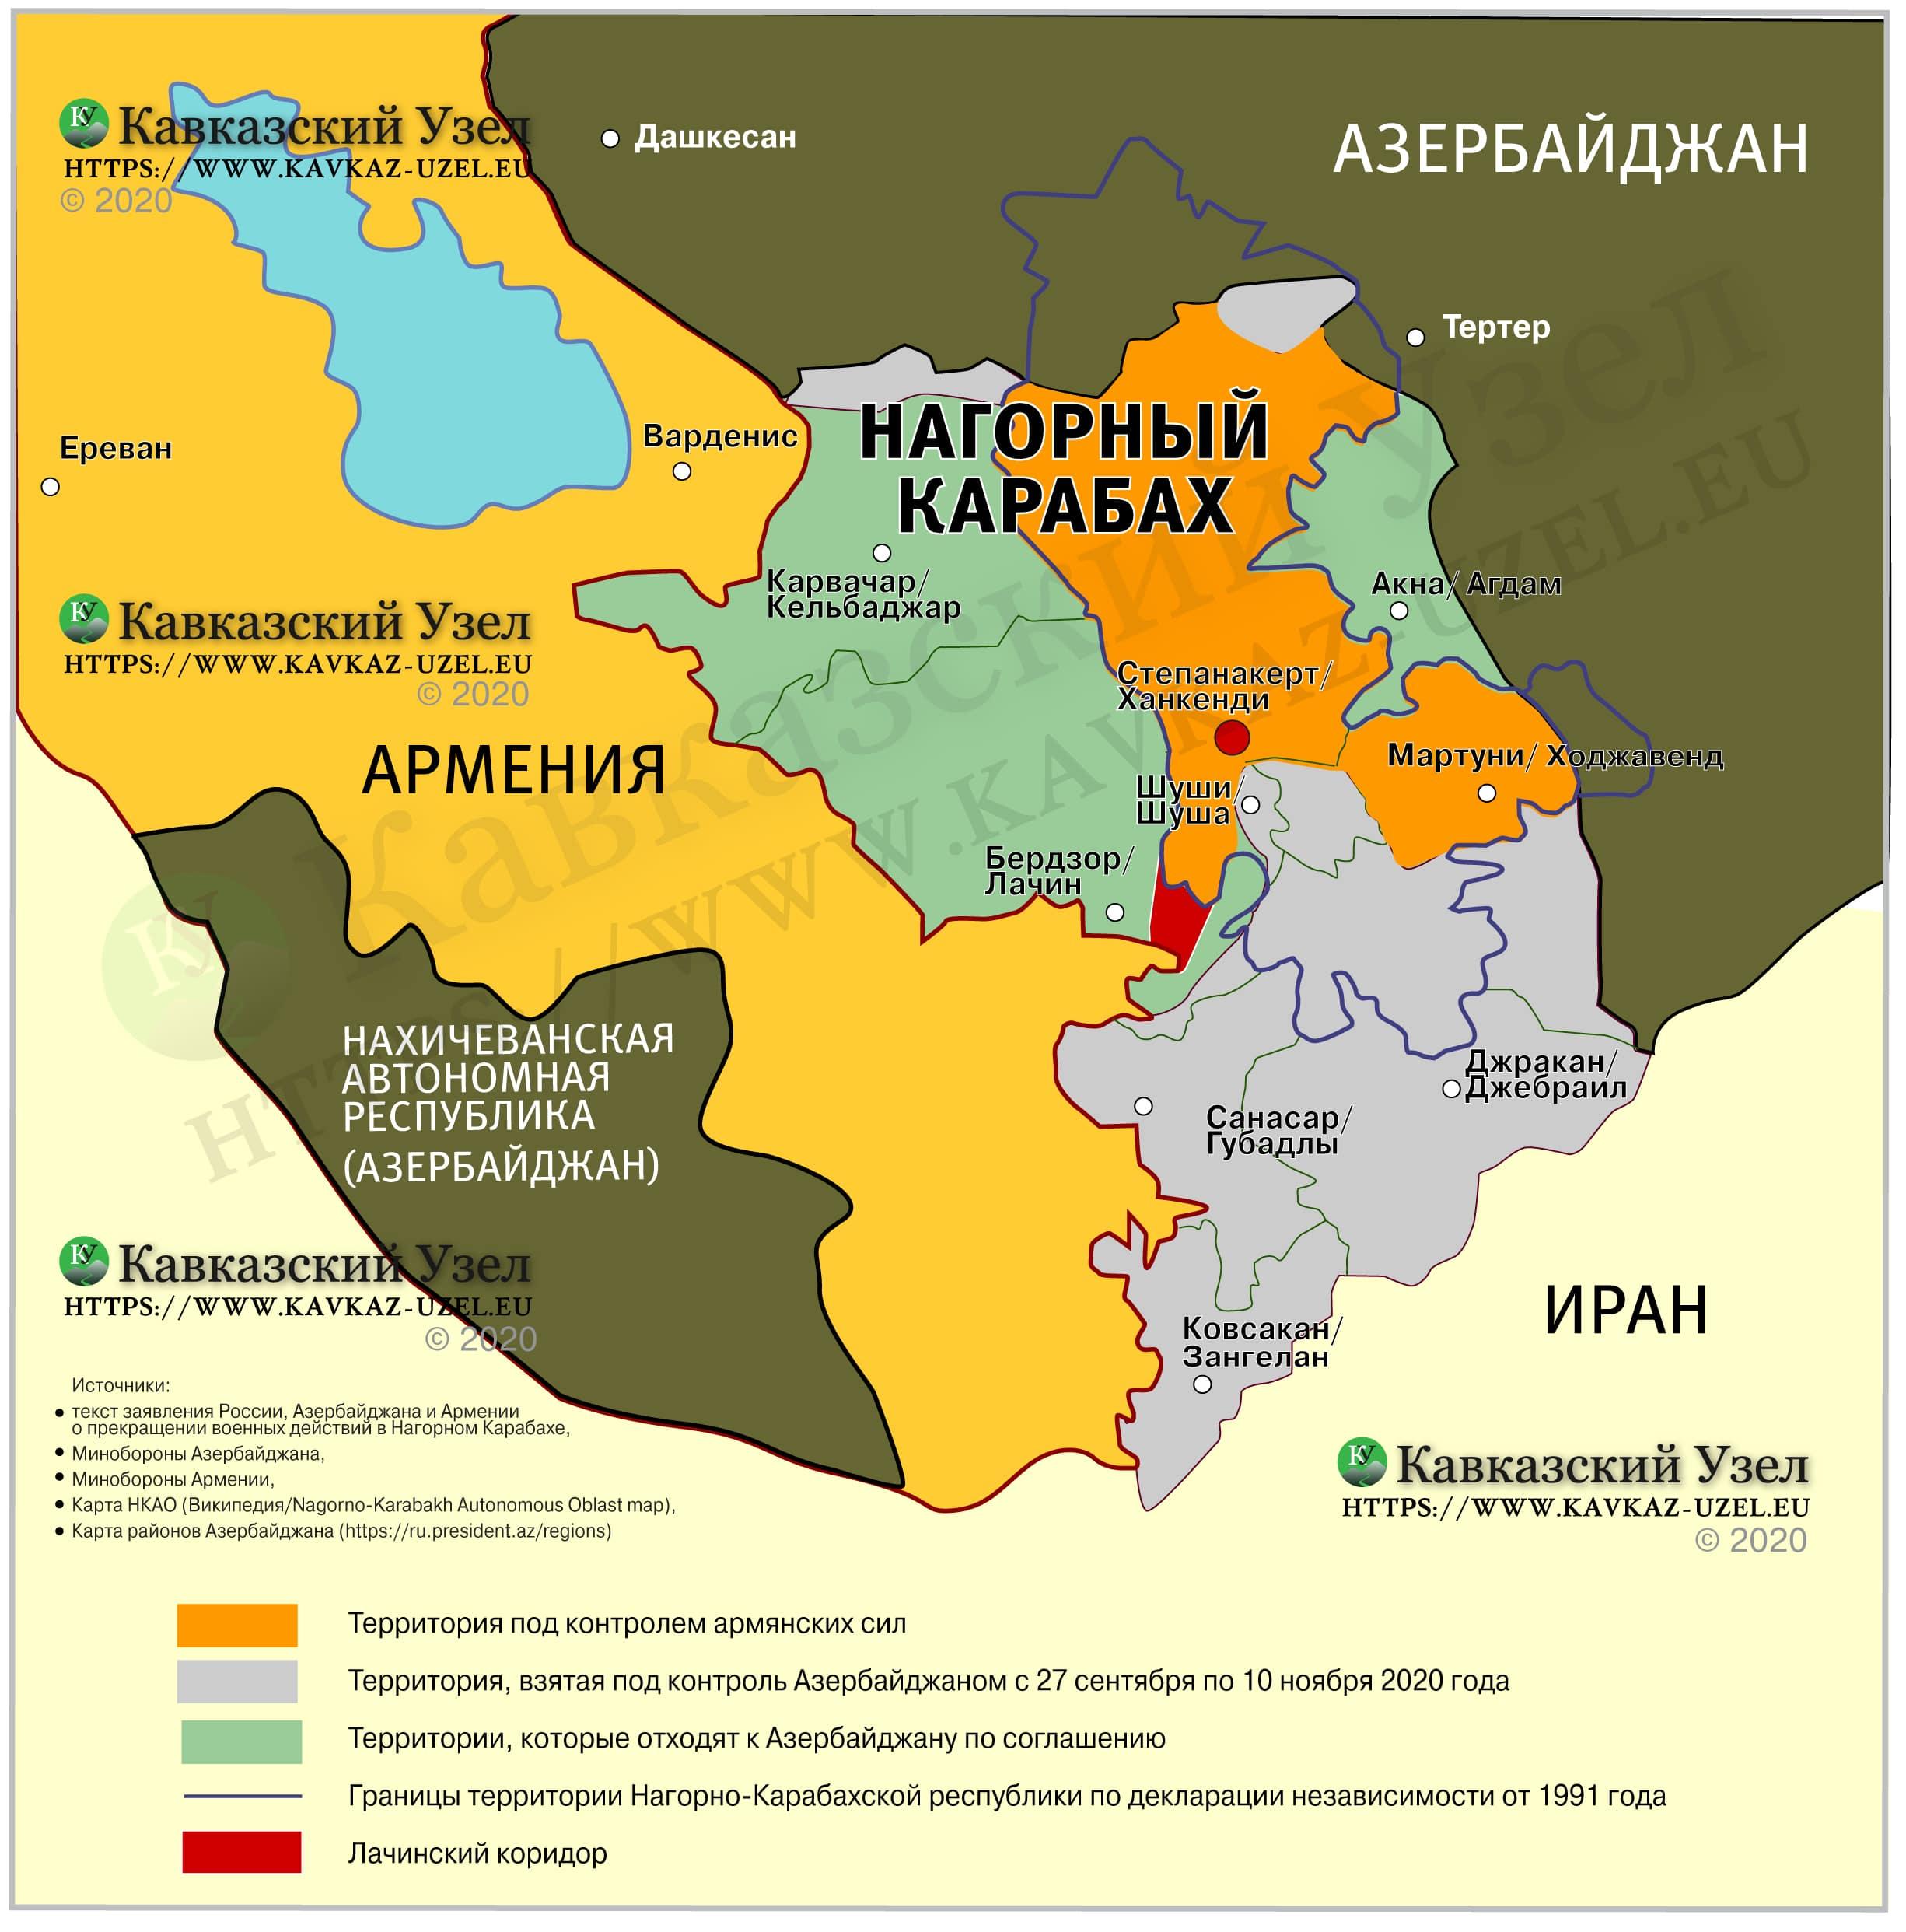 Кавказский Узел | Карта Карабаха: что получит после войны Азербайджан